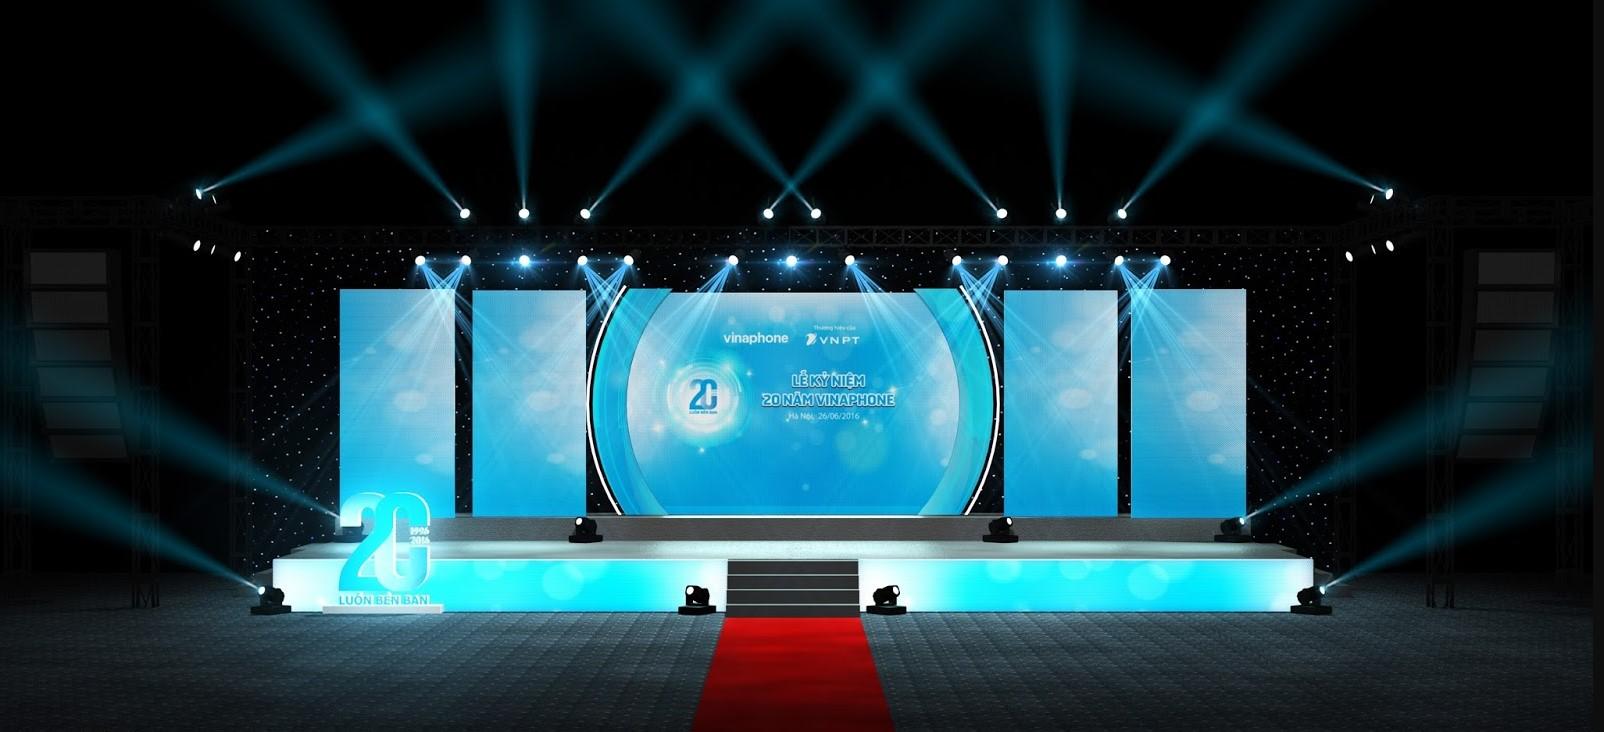 Thiết kế sân khấu sự kiện chuyên nghiệp